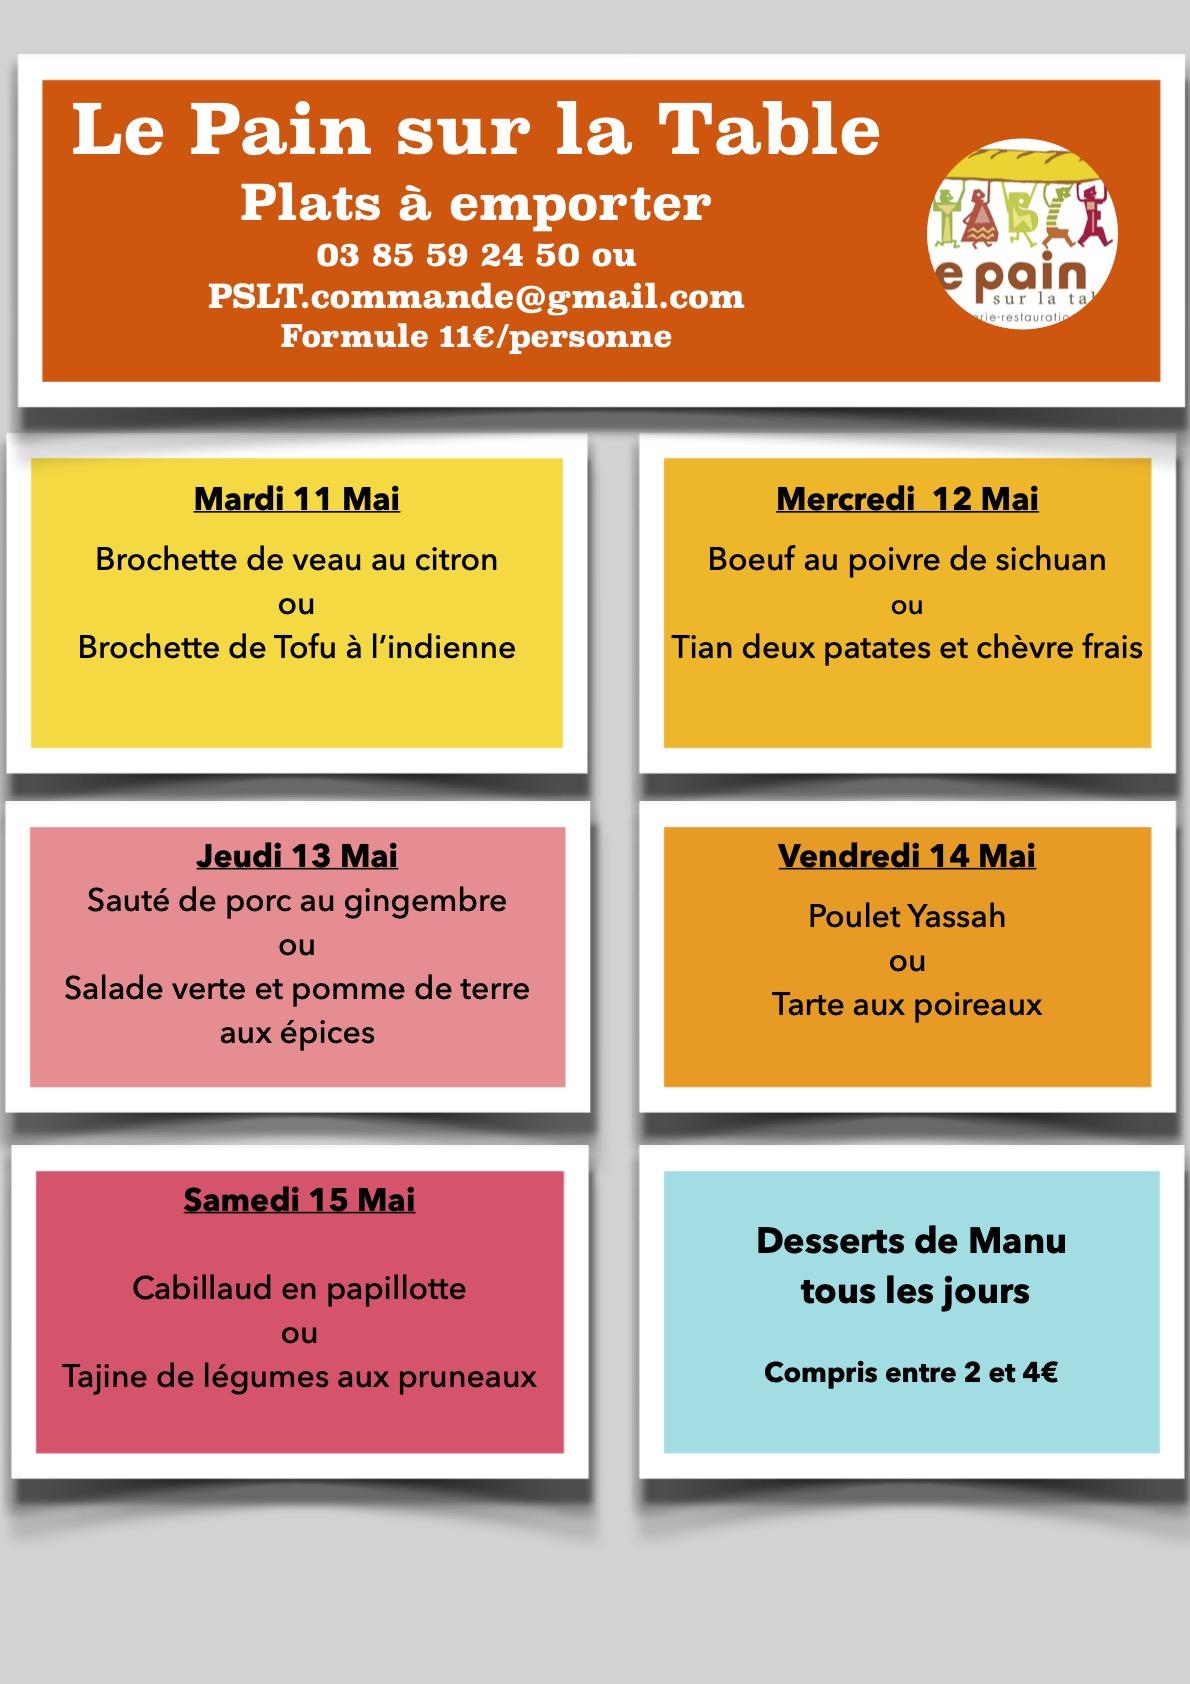 Les Menus de la semaine du 11 au 15 Mai 2021